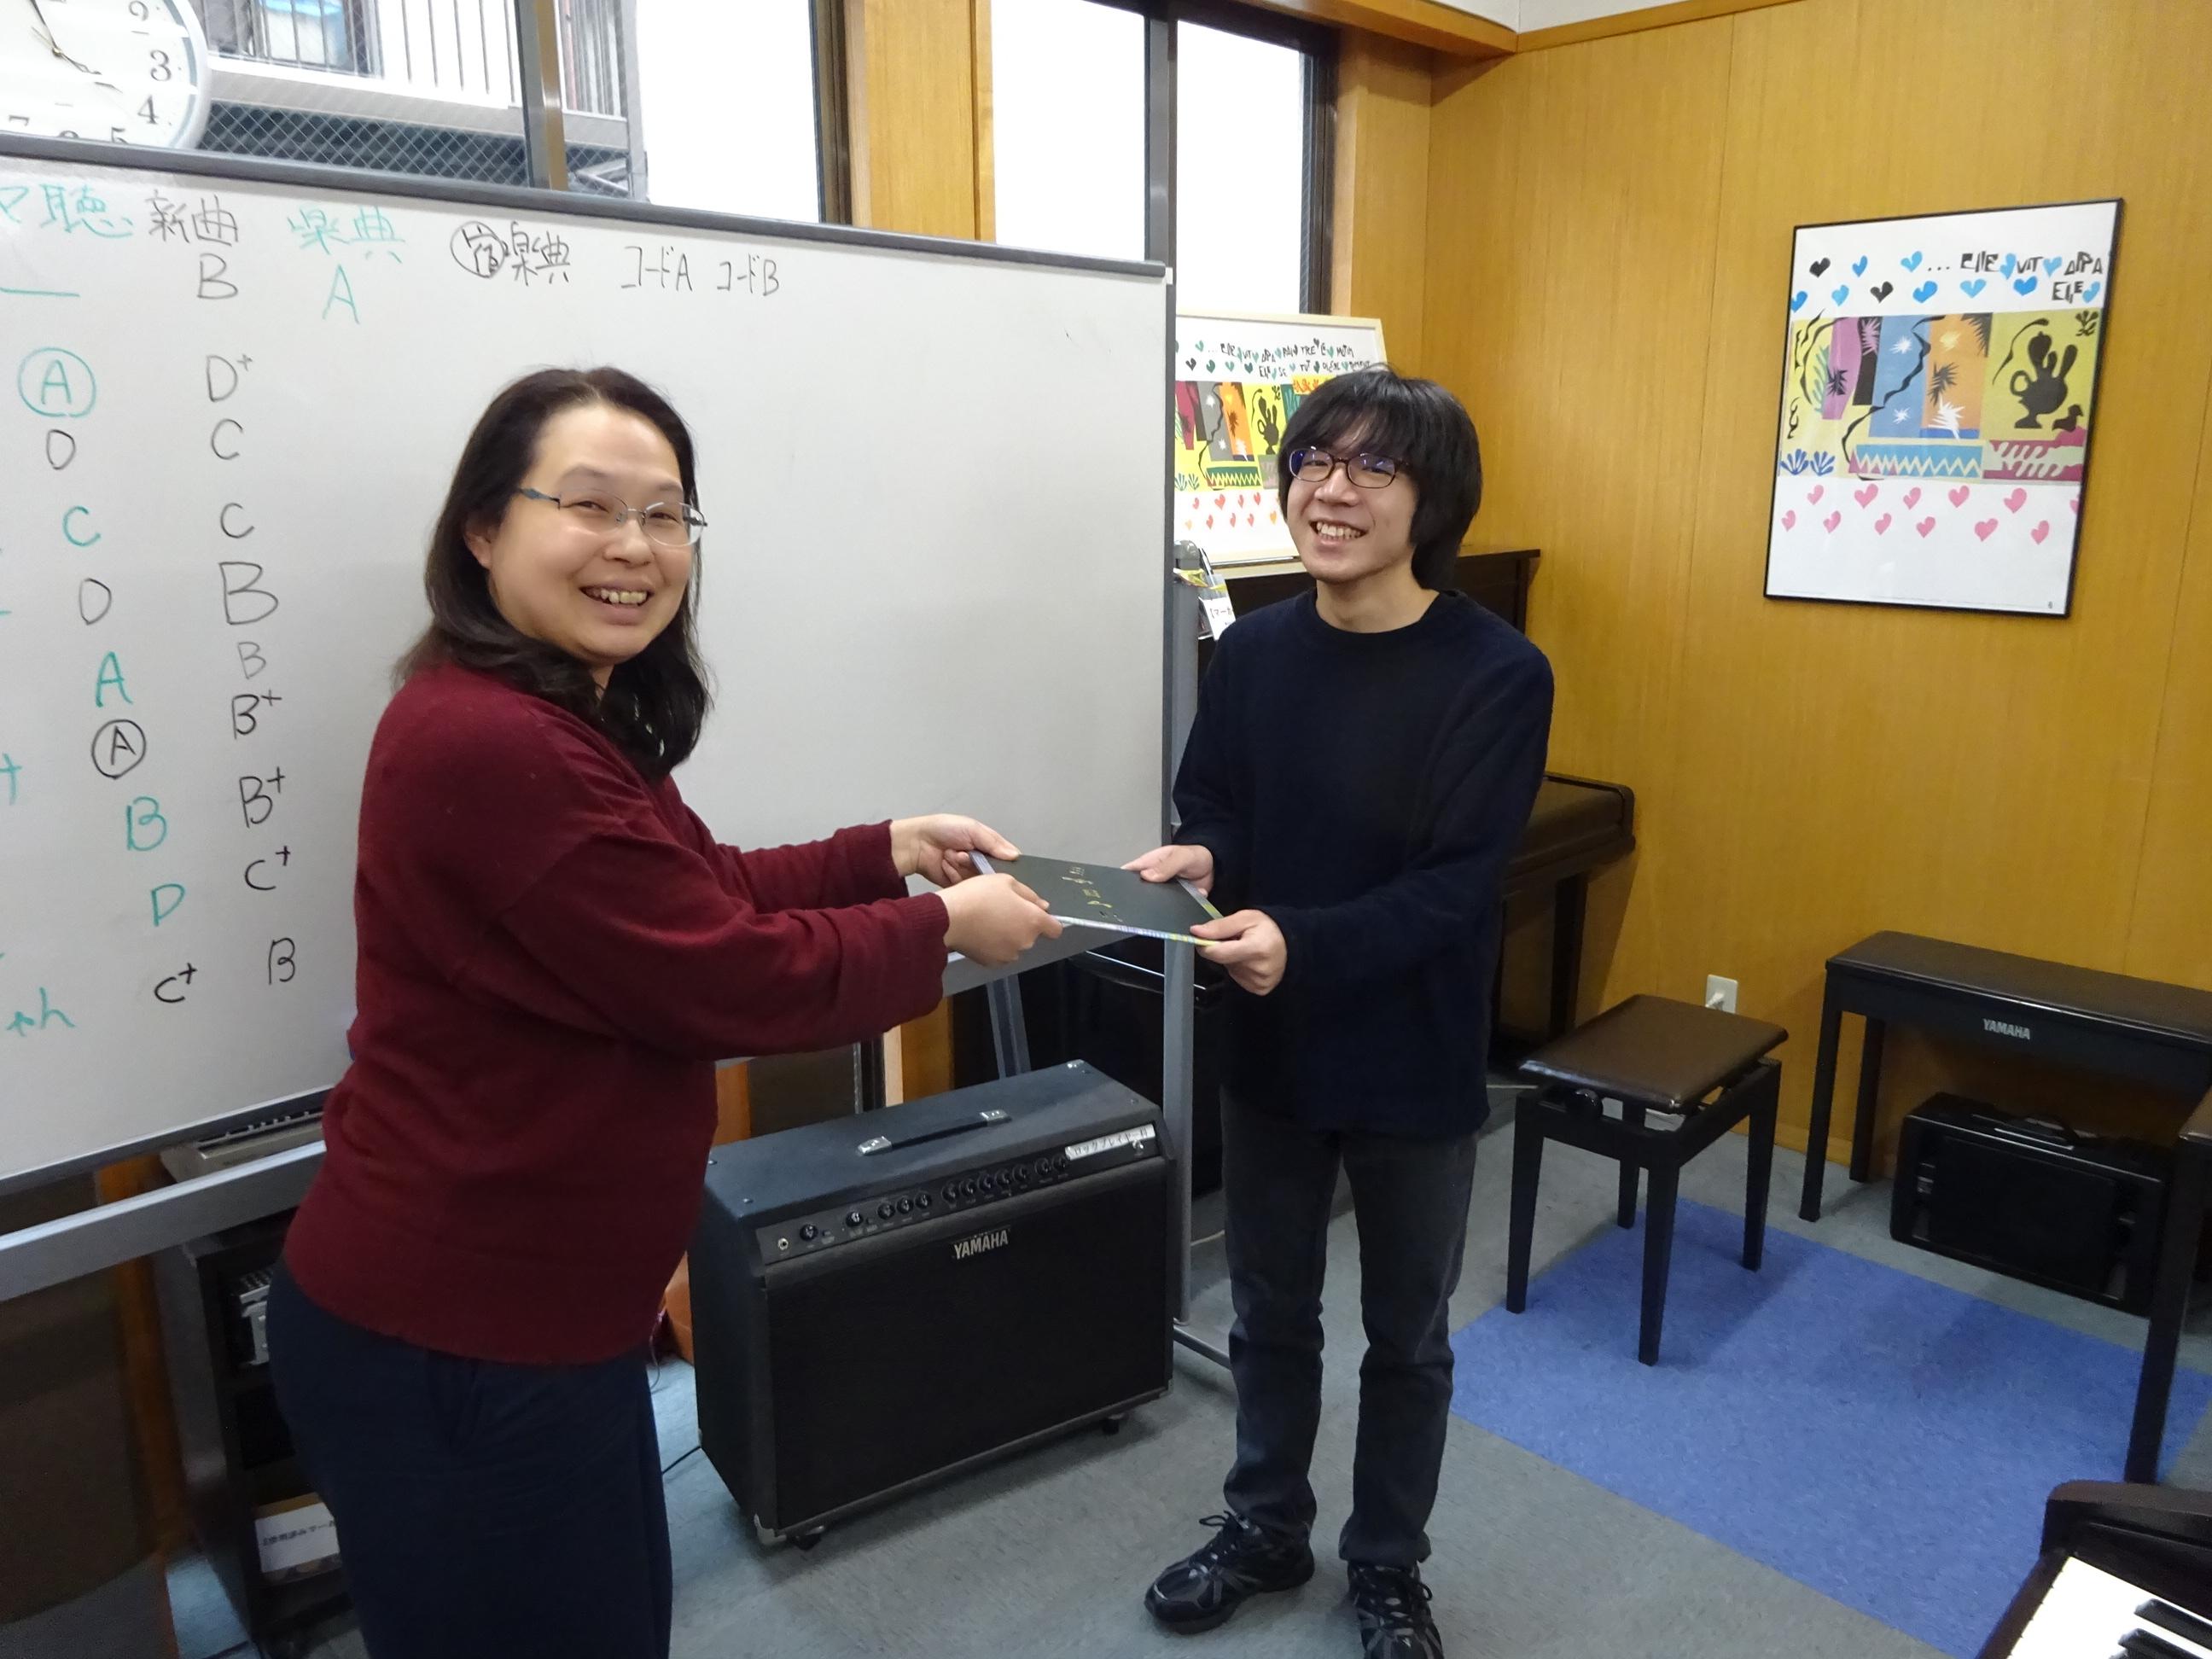 応援メッセージが書かれた寄せ書きを園田優講師から手渡される受講生。二人とも笑顔でカメラに目線を送っています。